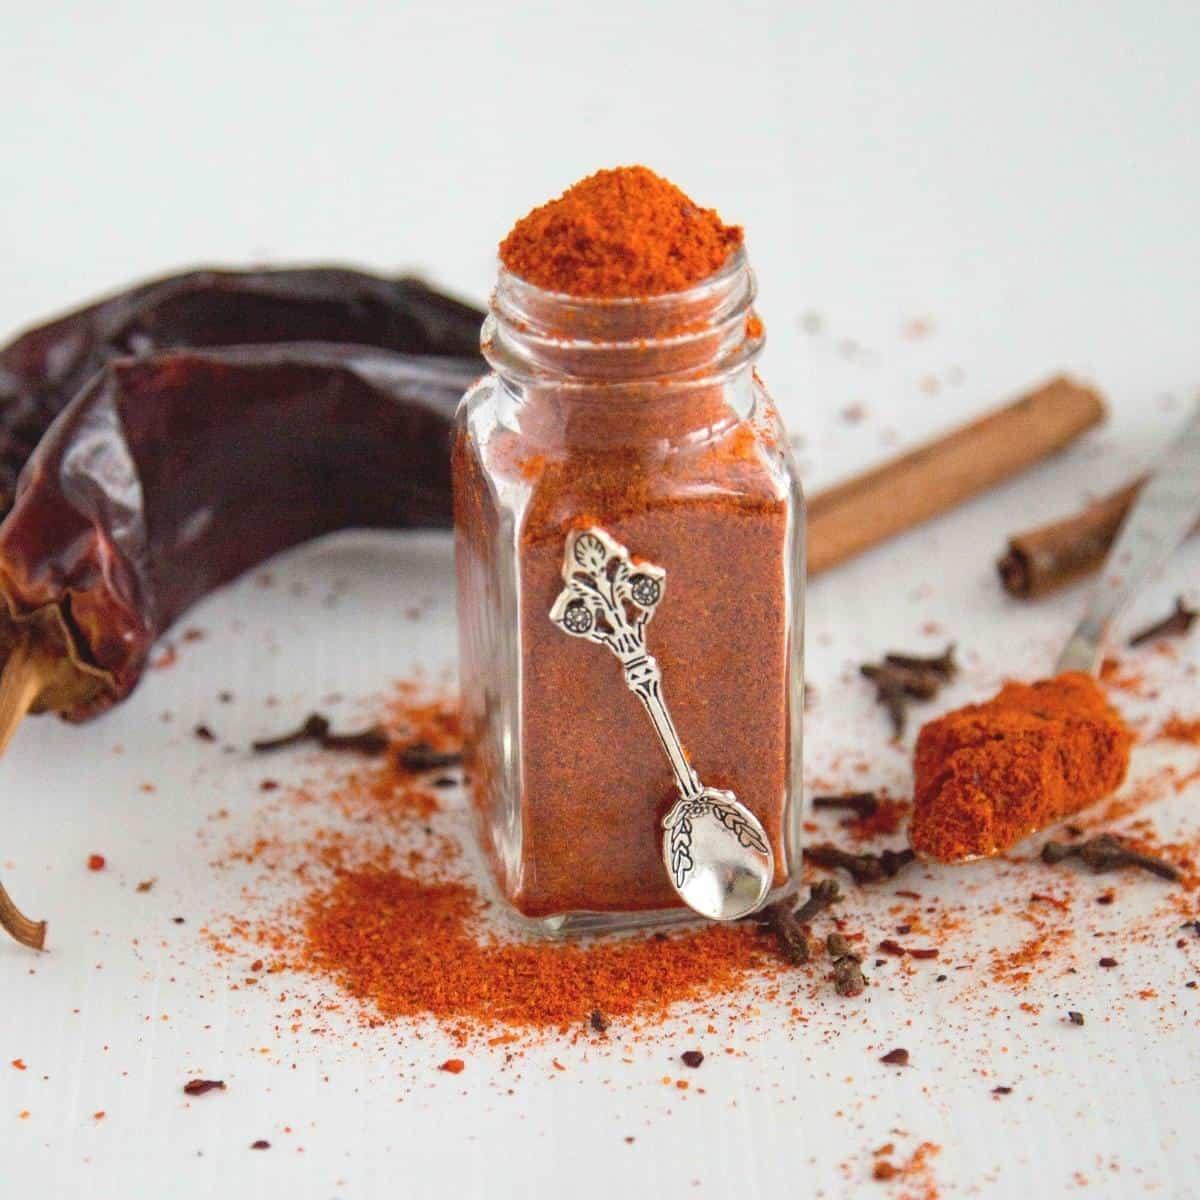 A spice jar on the table.